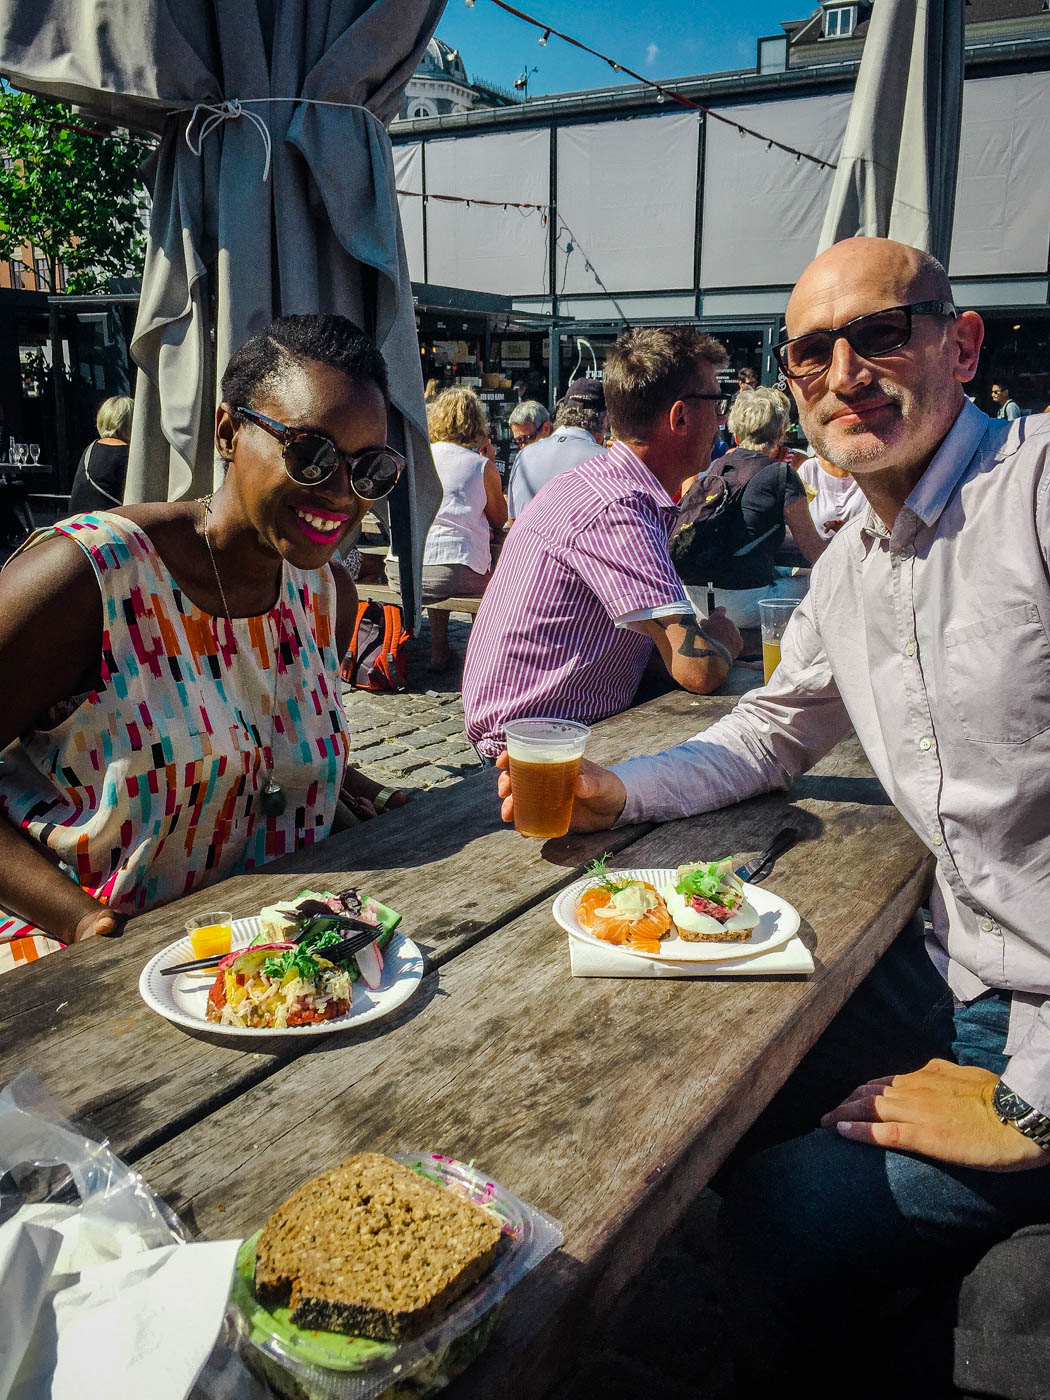 Lunch in Torvehallene - Three Days in Copenhagen #traveldestinations #travel #denmark